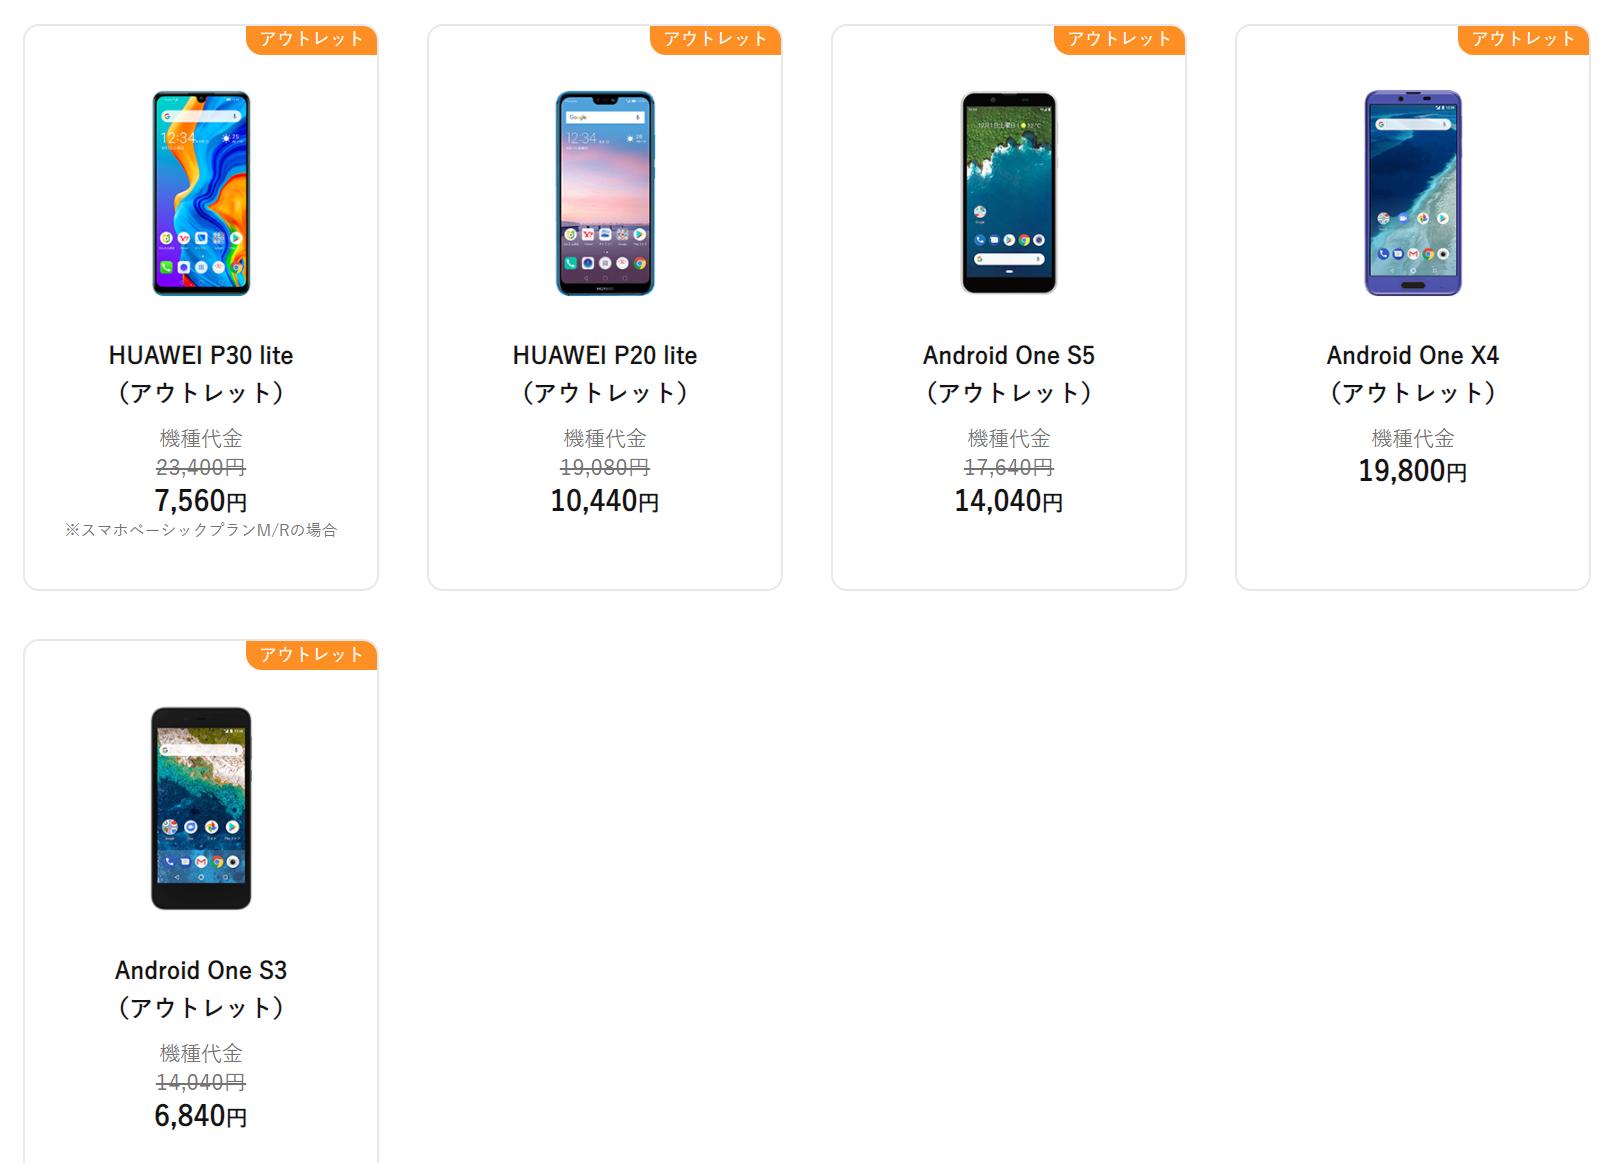 HUAWEI P30 lite (アウトレット) 機種代金 23,400円 7,560円 ※スマホベーシックプランM/Rの場合 アウトレット HUAWEI P20 lite <br>(アウトレット) HUAWEI P20 lite (アウトレット) 機種代金 19,080円 10,440円 アウトレット Android One S5<br>(アウトレット) Android One S5 (アウトレット) 機種代金 17,640円 14,040円 アウトレット Android One X4<br>(アウトレット) Android One X4 (アウトレット) 機種代金 19,800円 アウトレット Android One S3<br>(アウトレット) Android One S3 (アウトレット)